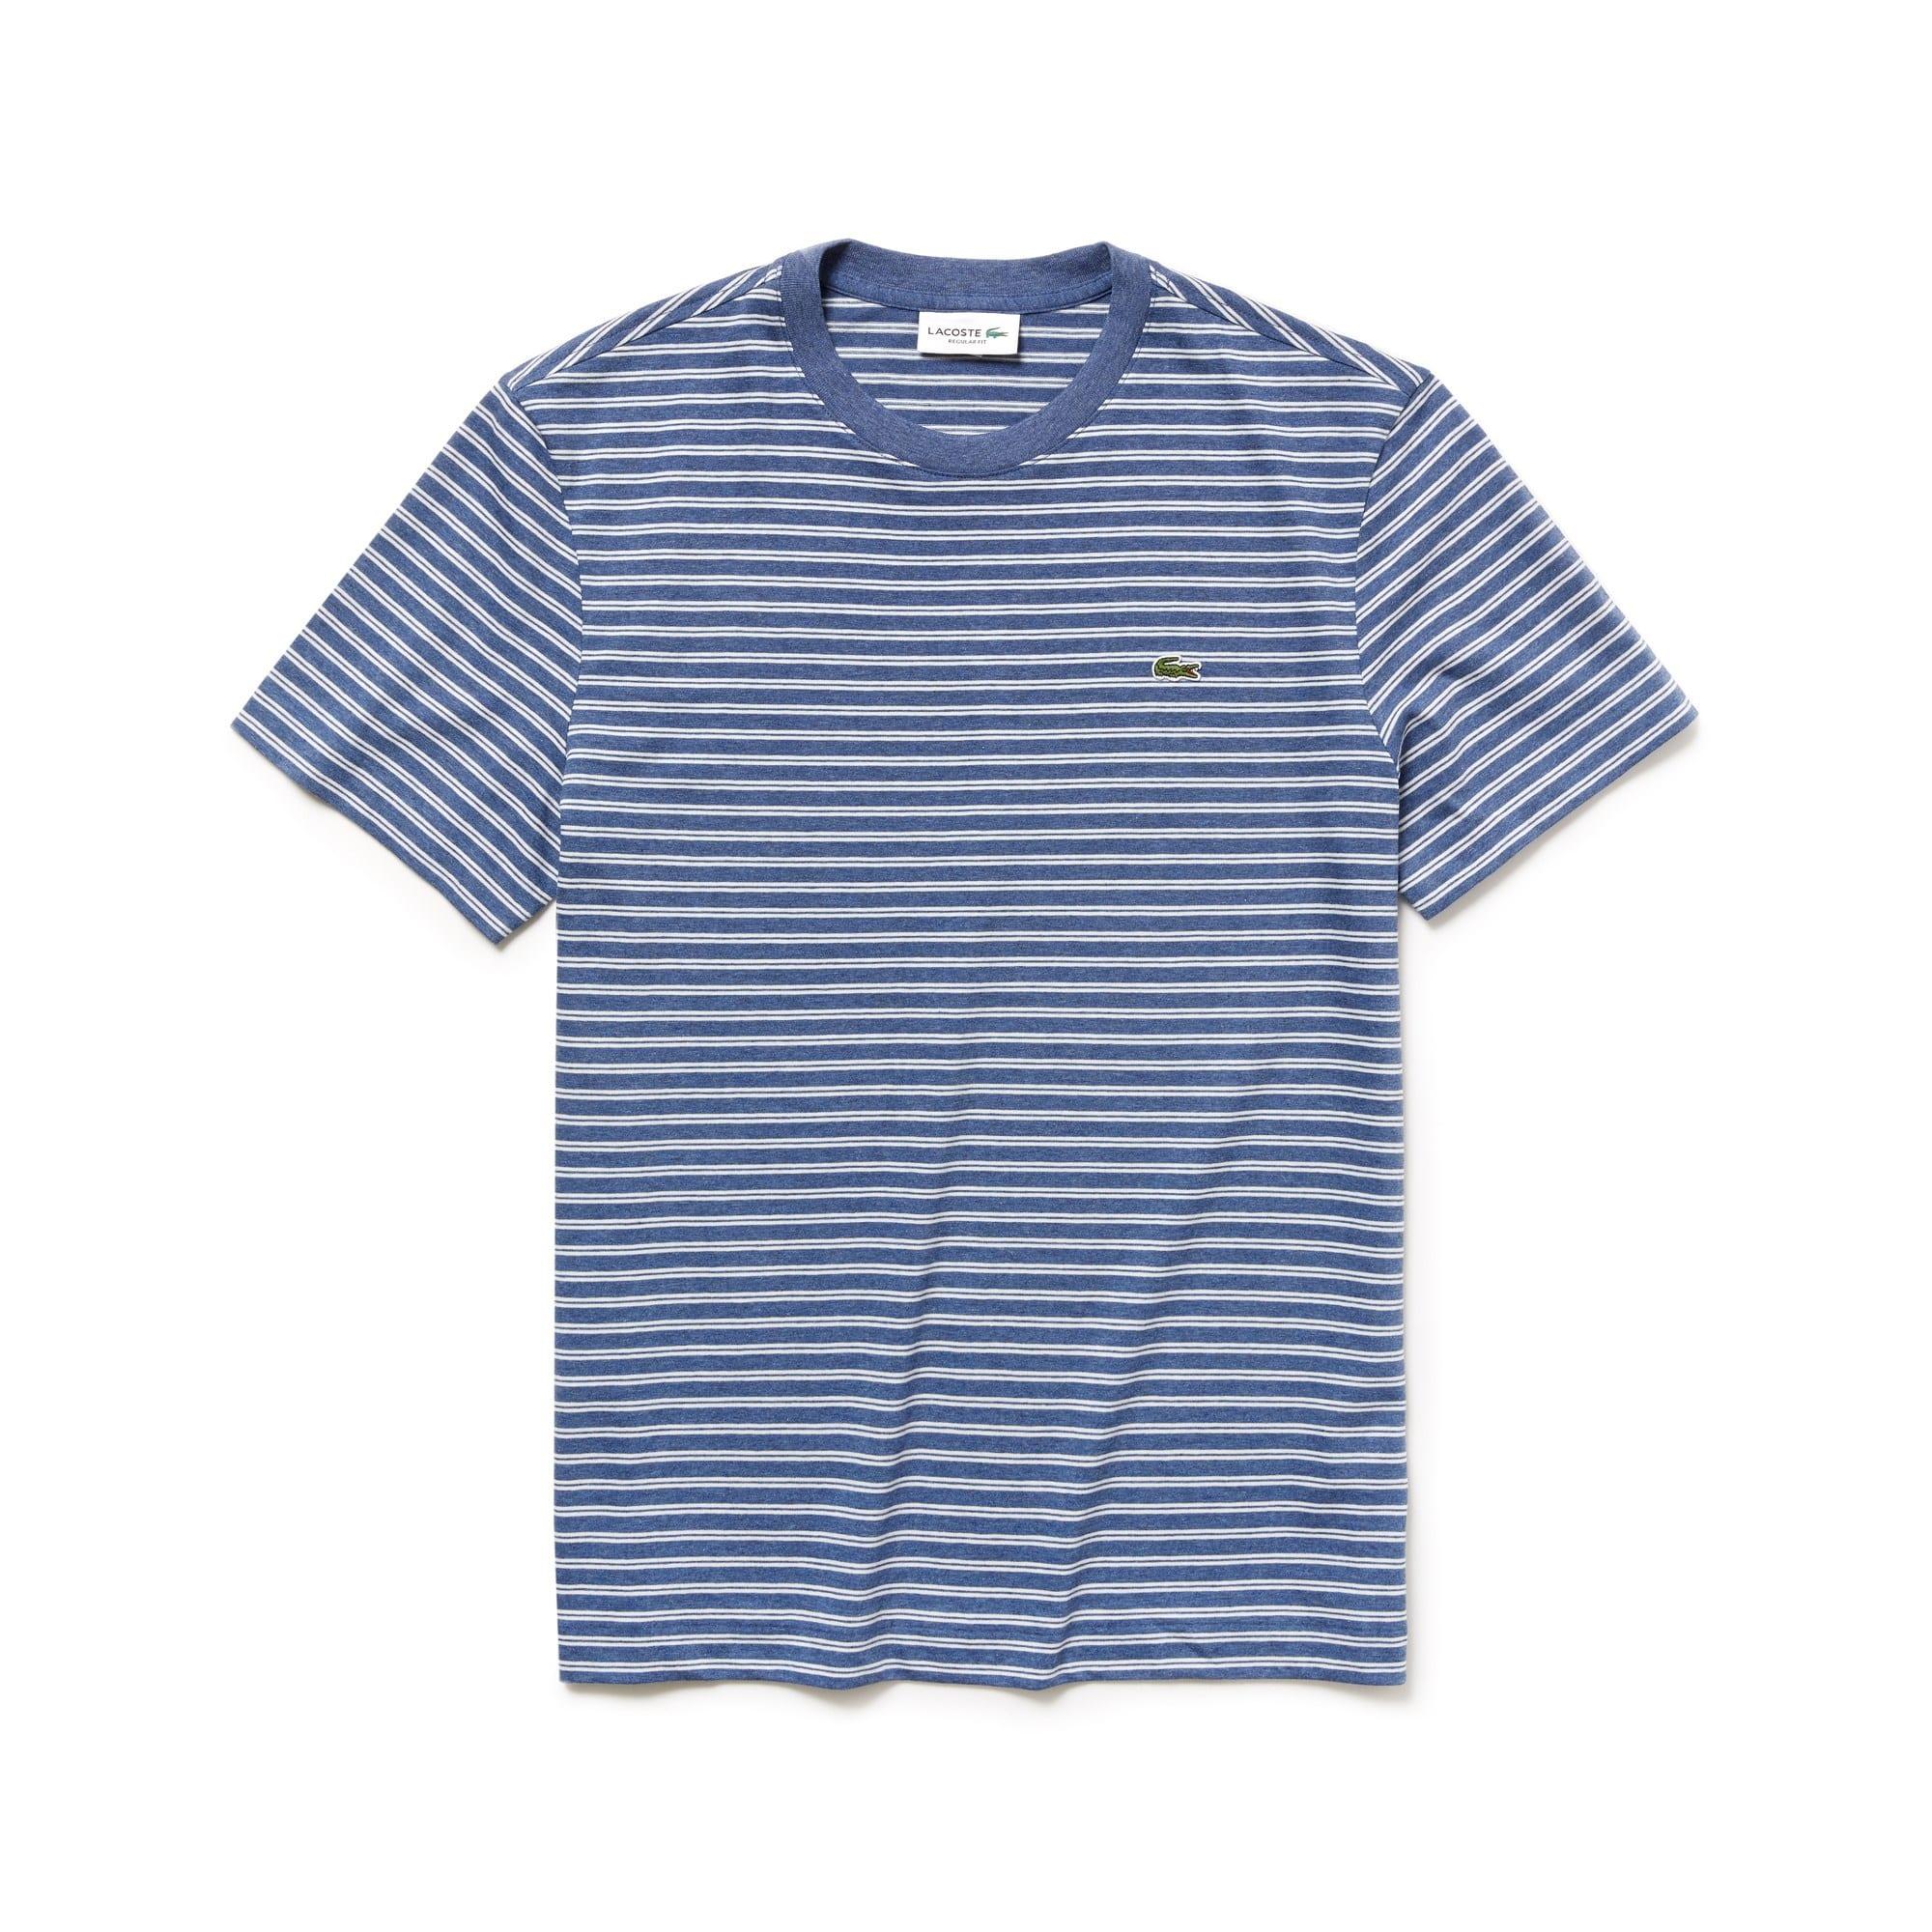 Camiseta De Hombre De Tejido De Punto De Algodón A Rayas Con Cuello Redondo